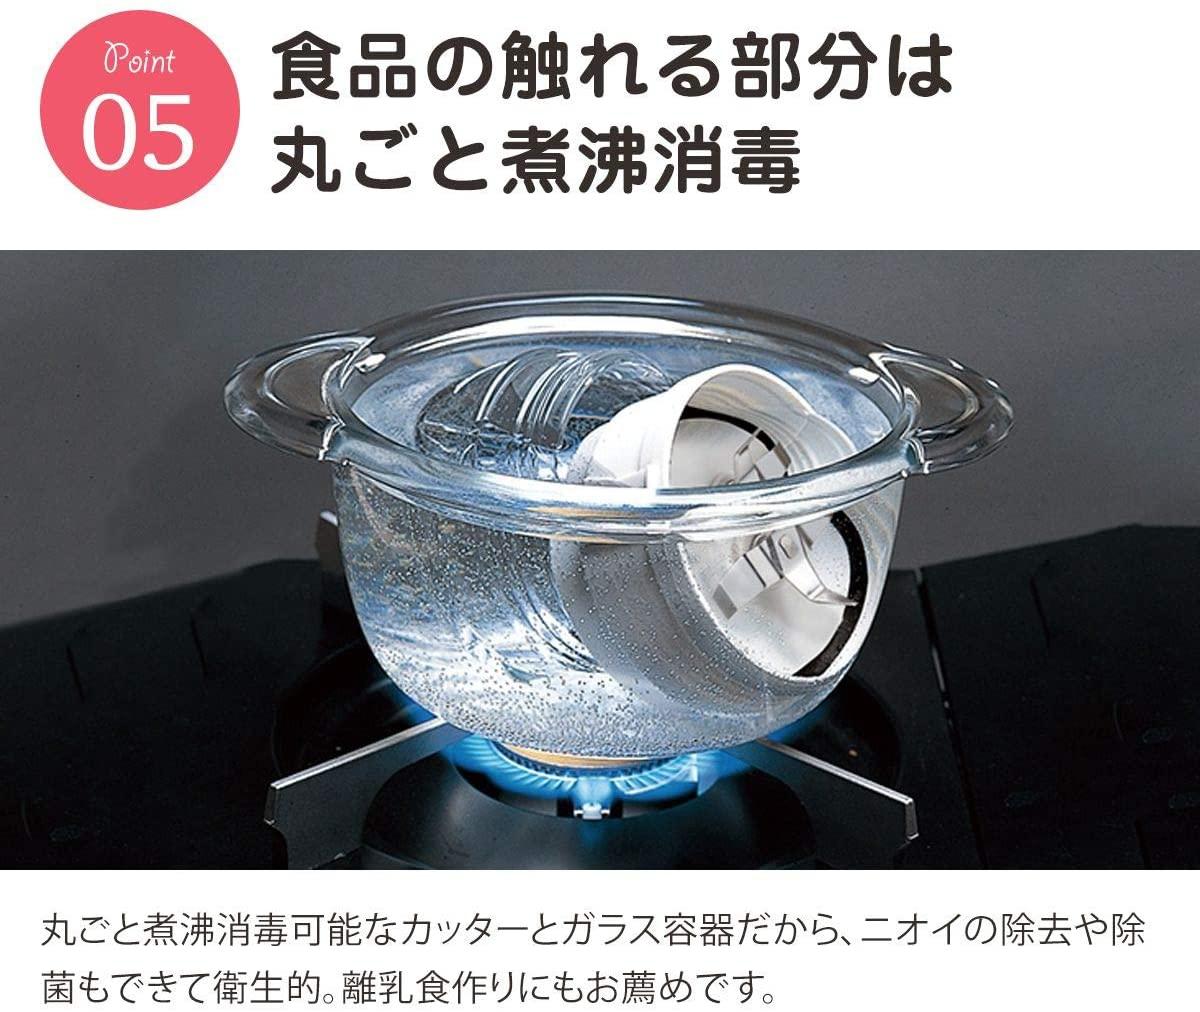 岩谷産業(いわたに)サイレントミルサー IFM-S30Gの商品画像7